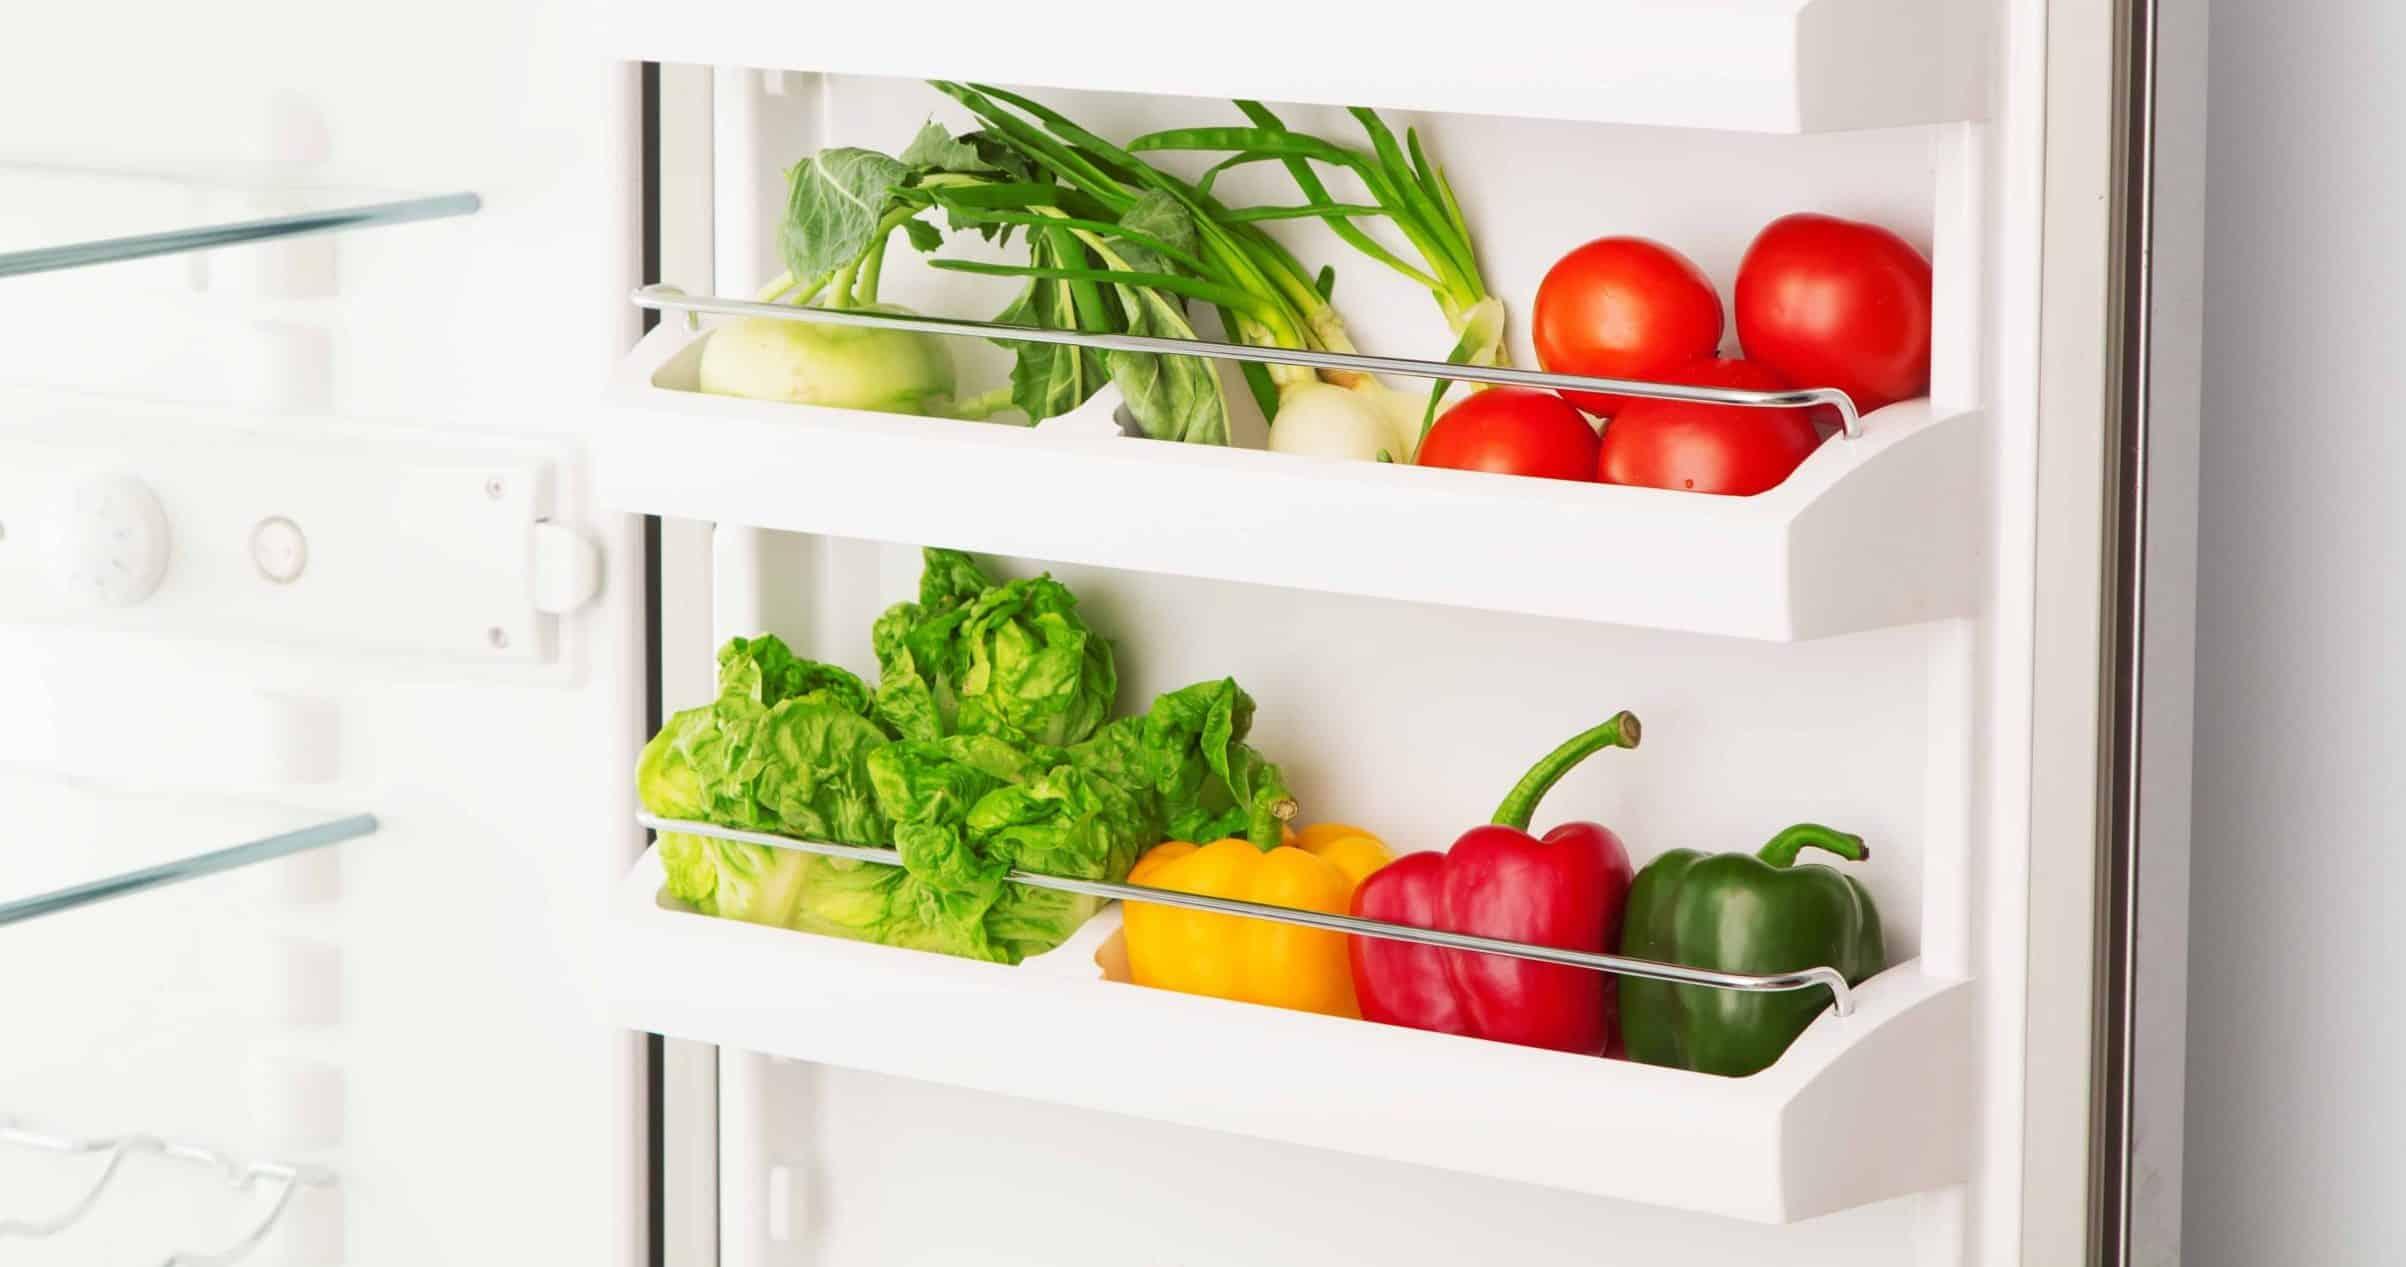 groenten in een koelkast